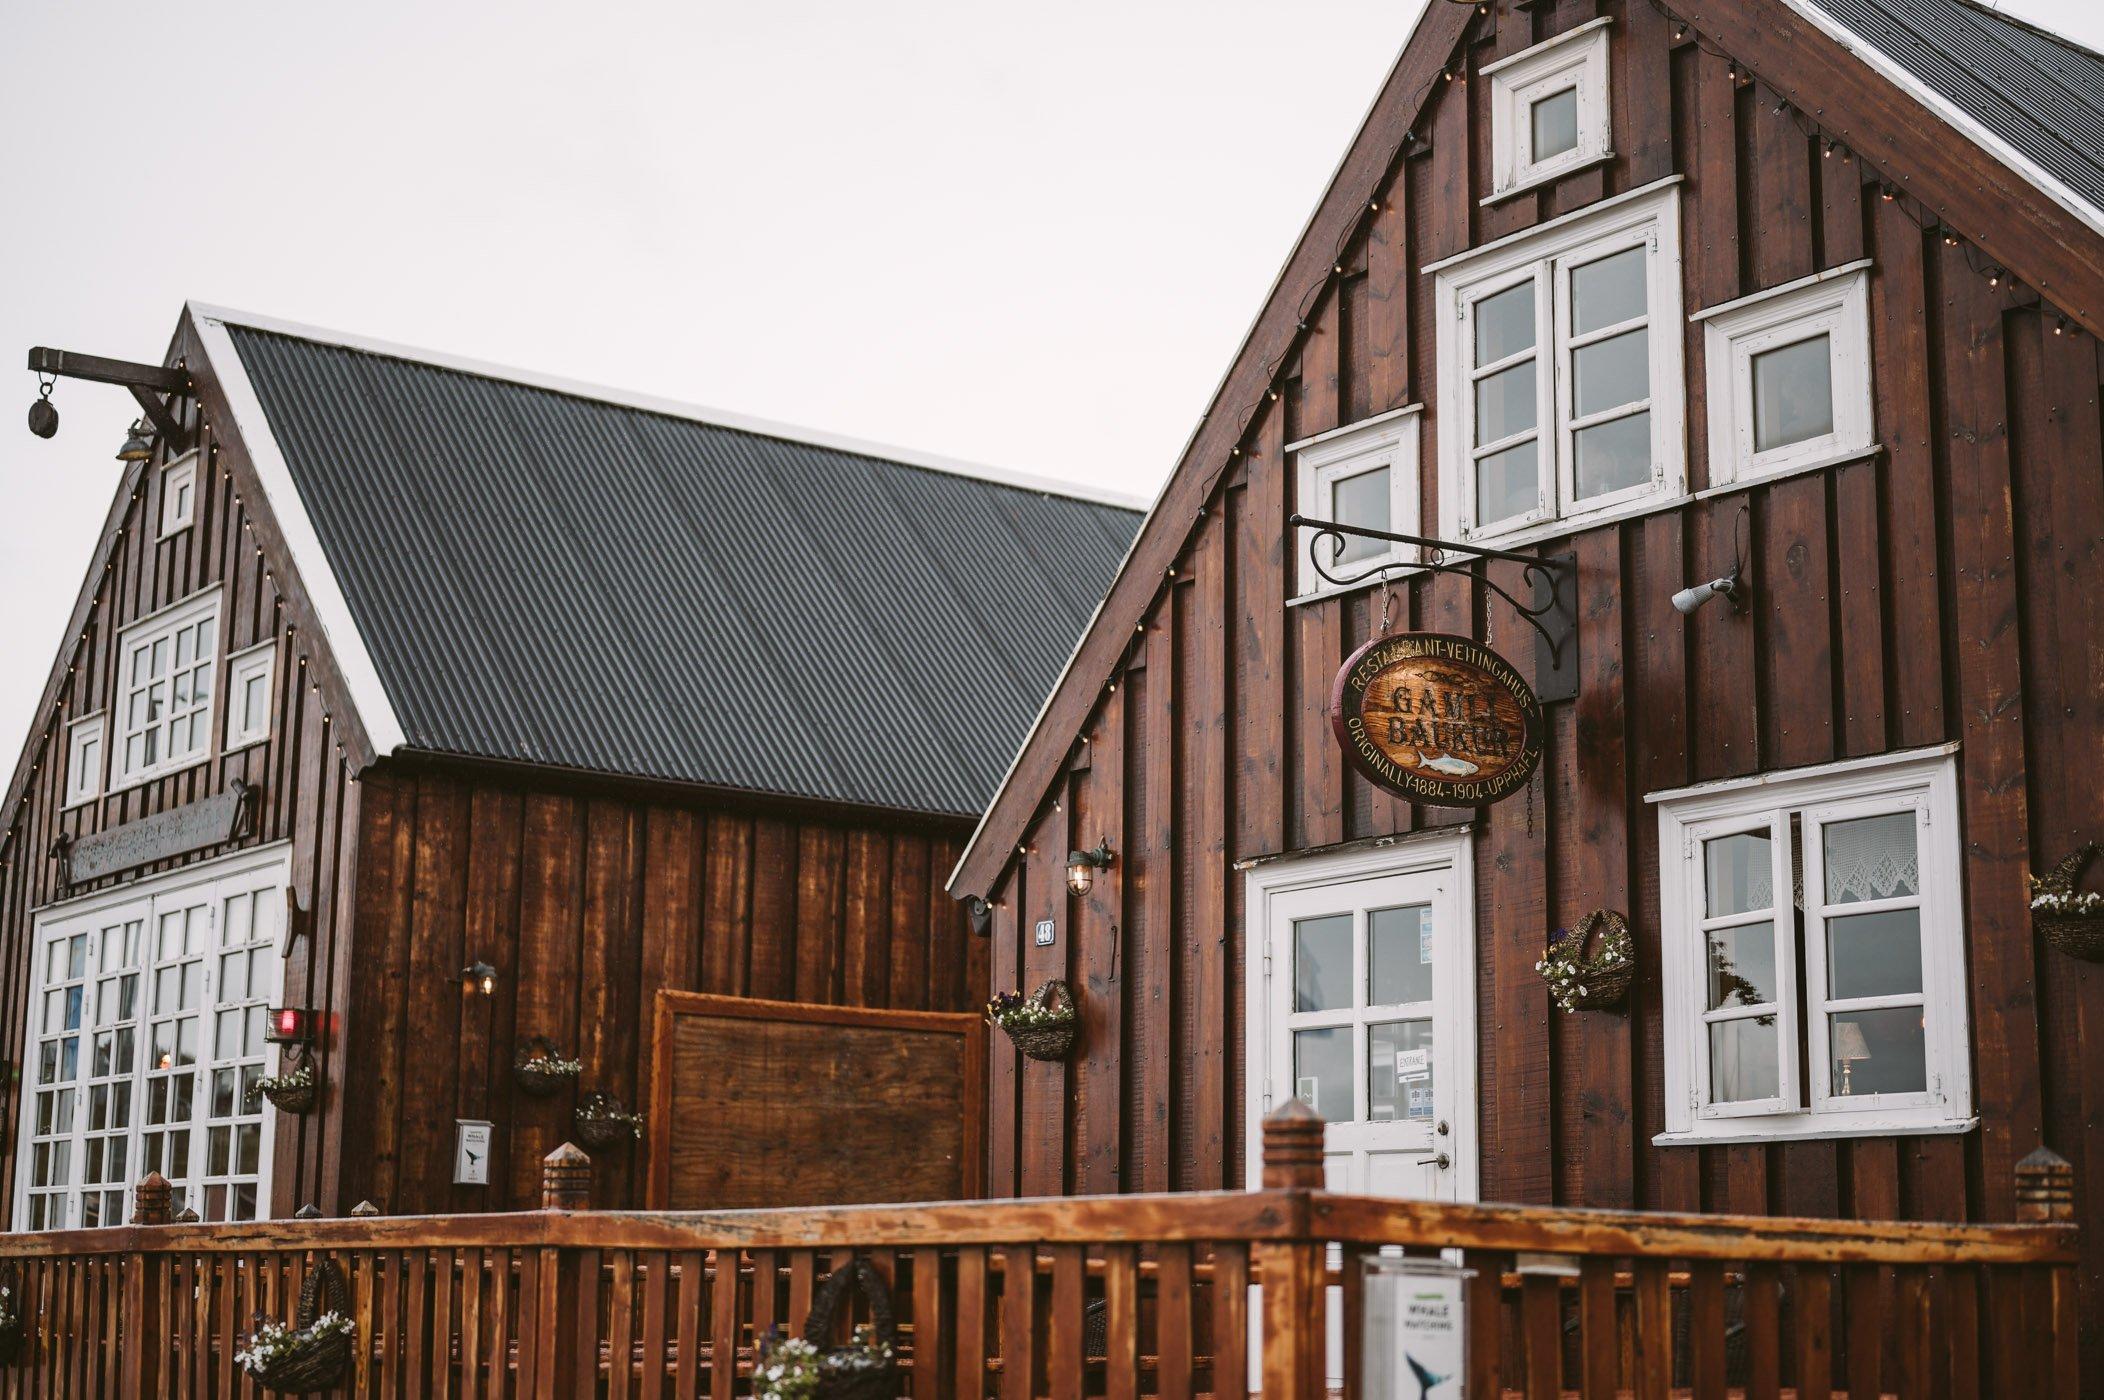 Gamli Baukur restaurant Húsavík Iceland